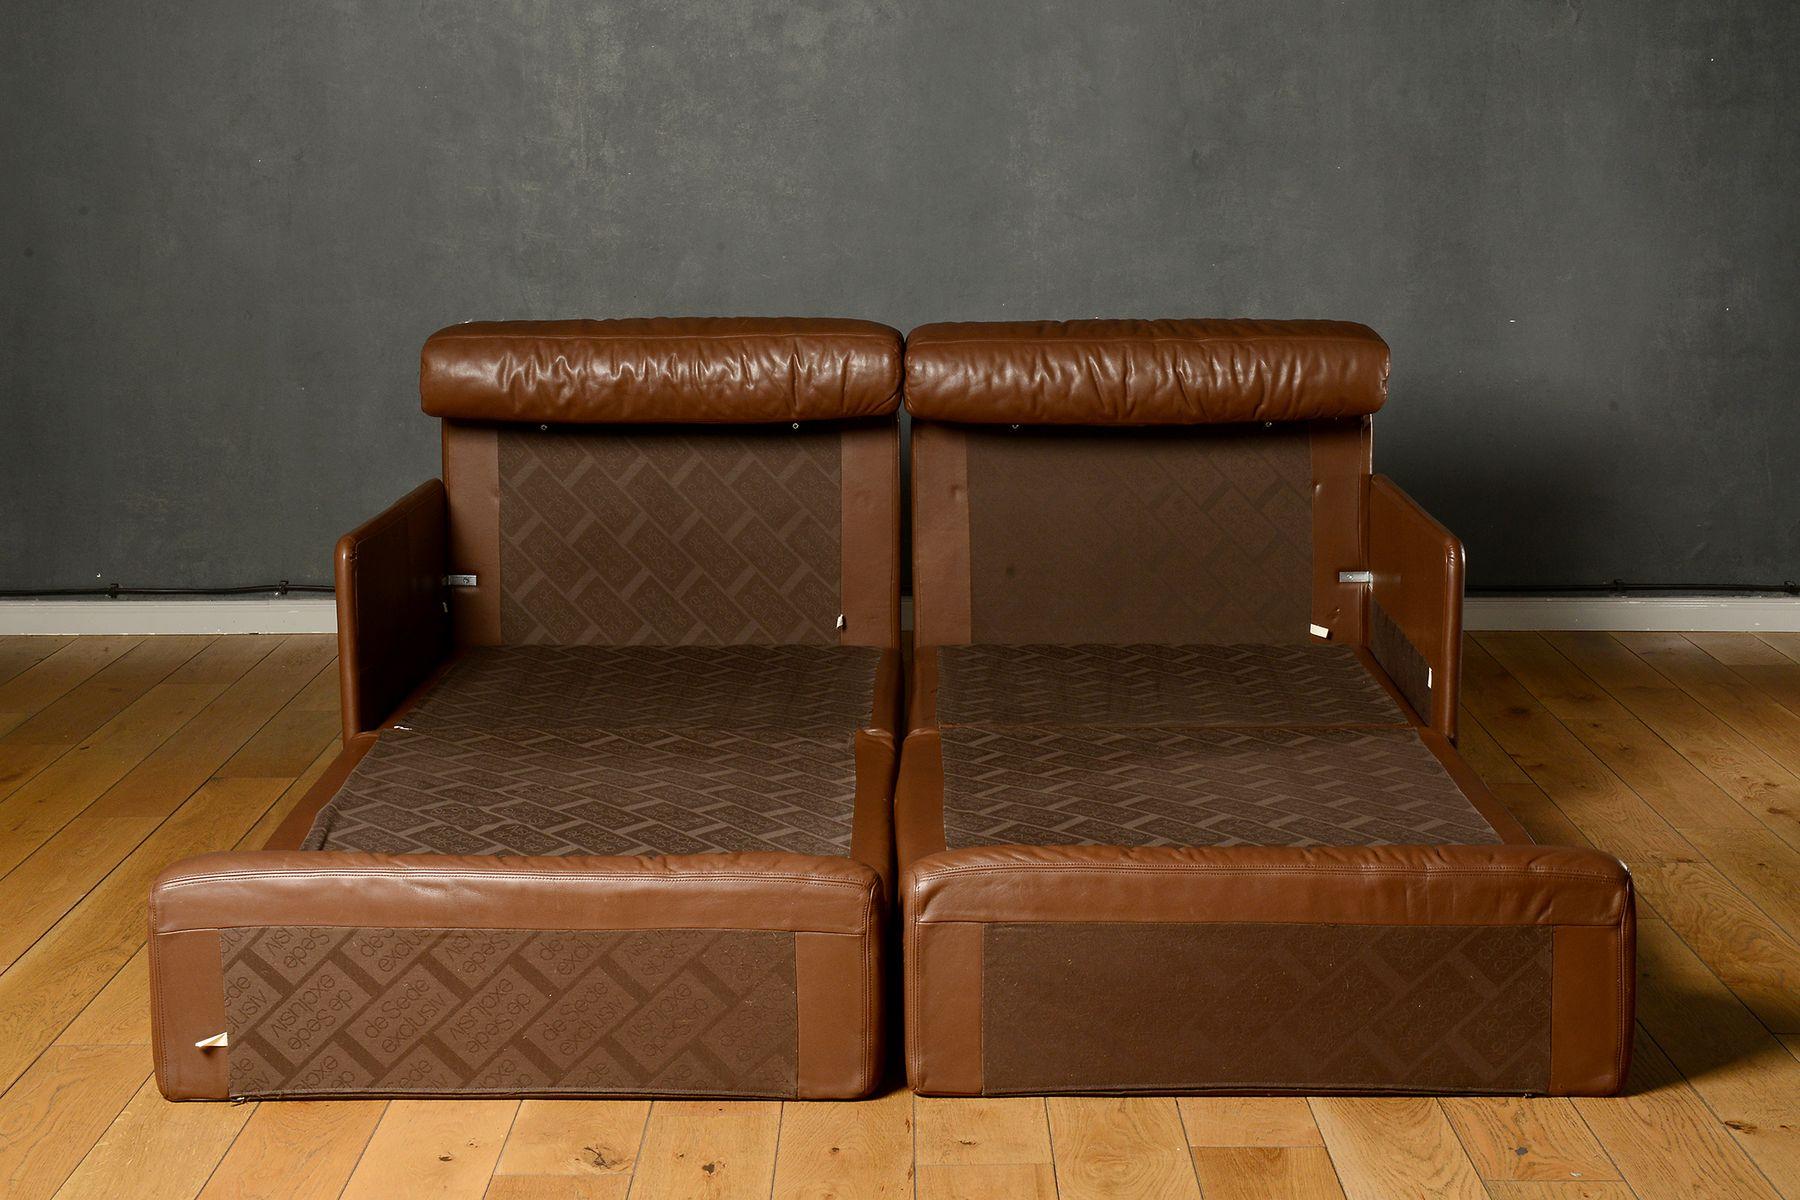 unterteiltes mid century ds 76 2 sitzer schlafsofa von de sede bei pamono kaufen. Black Bedroom Furniture Sets. Home Design Ideas